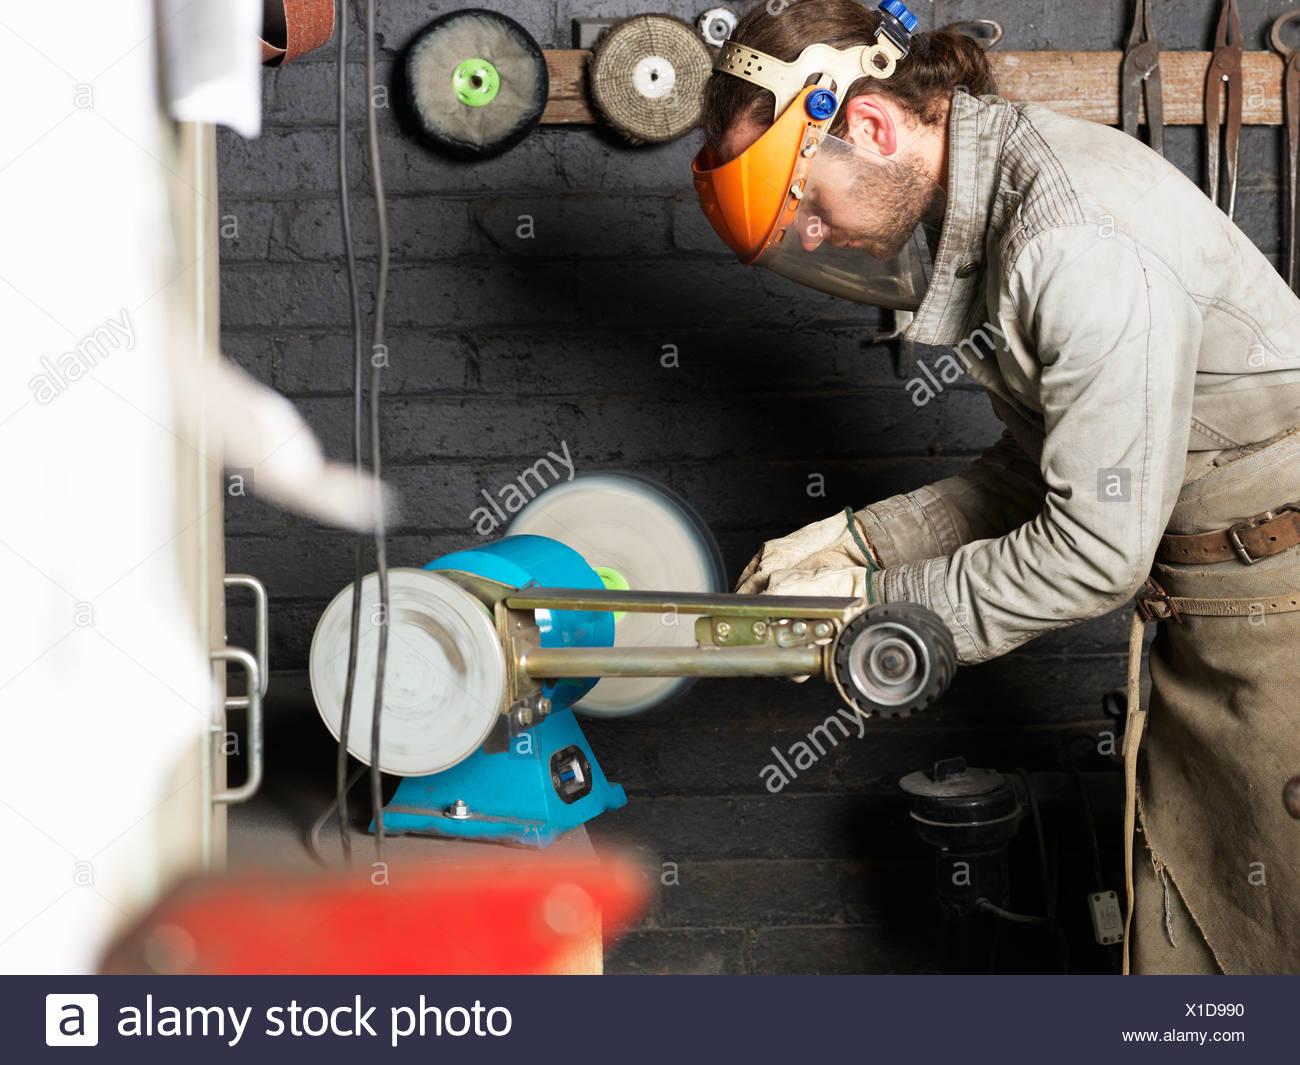 Schmiede arbeiten an Maschine in Werkstatt Stockfoto